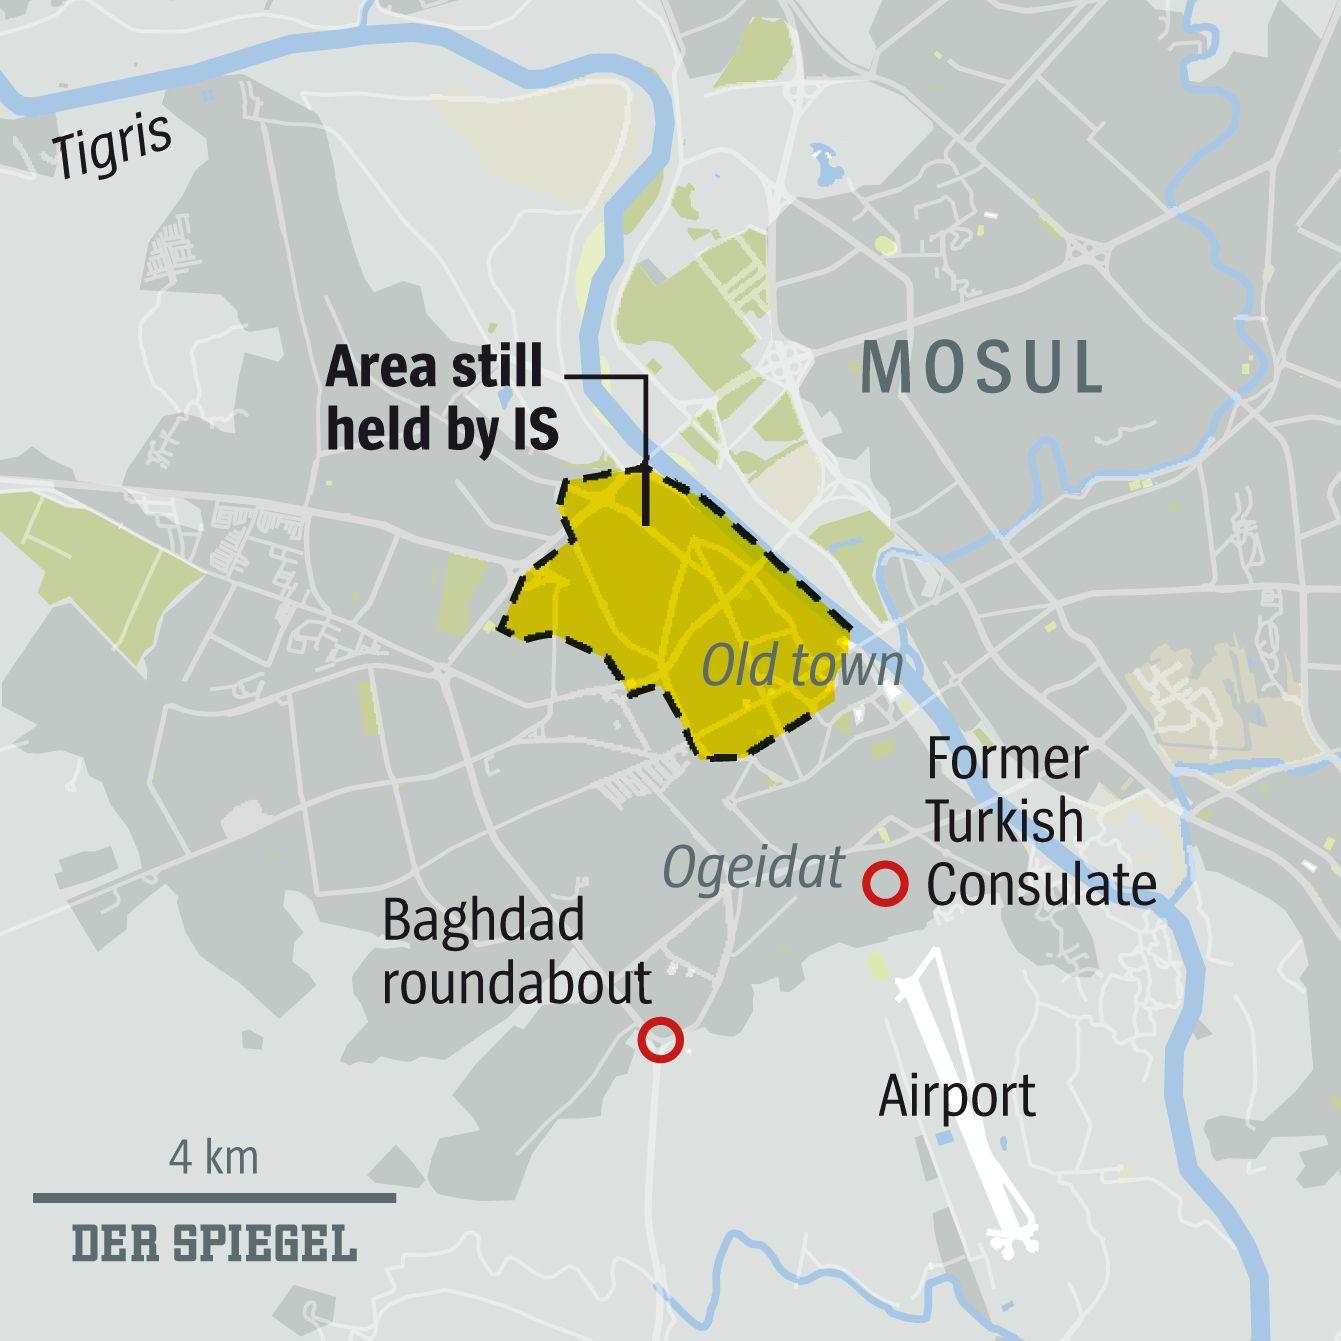 Karte DER SPIEGEL Heft 22, Seite 84, Mossul